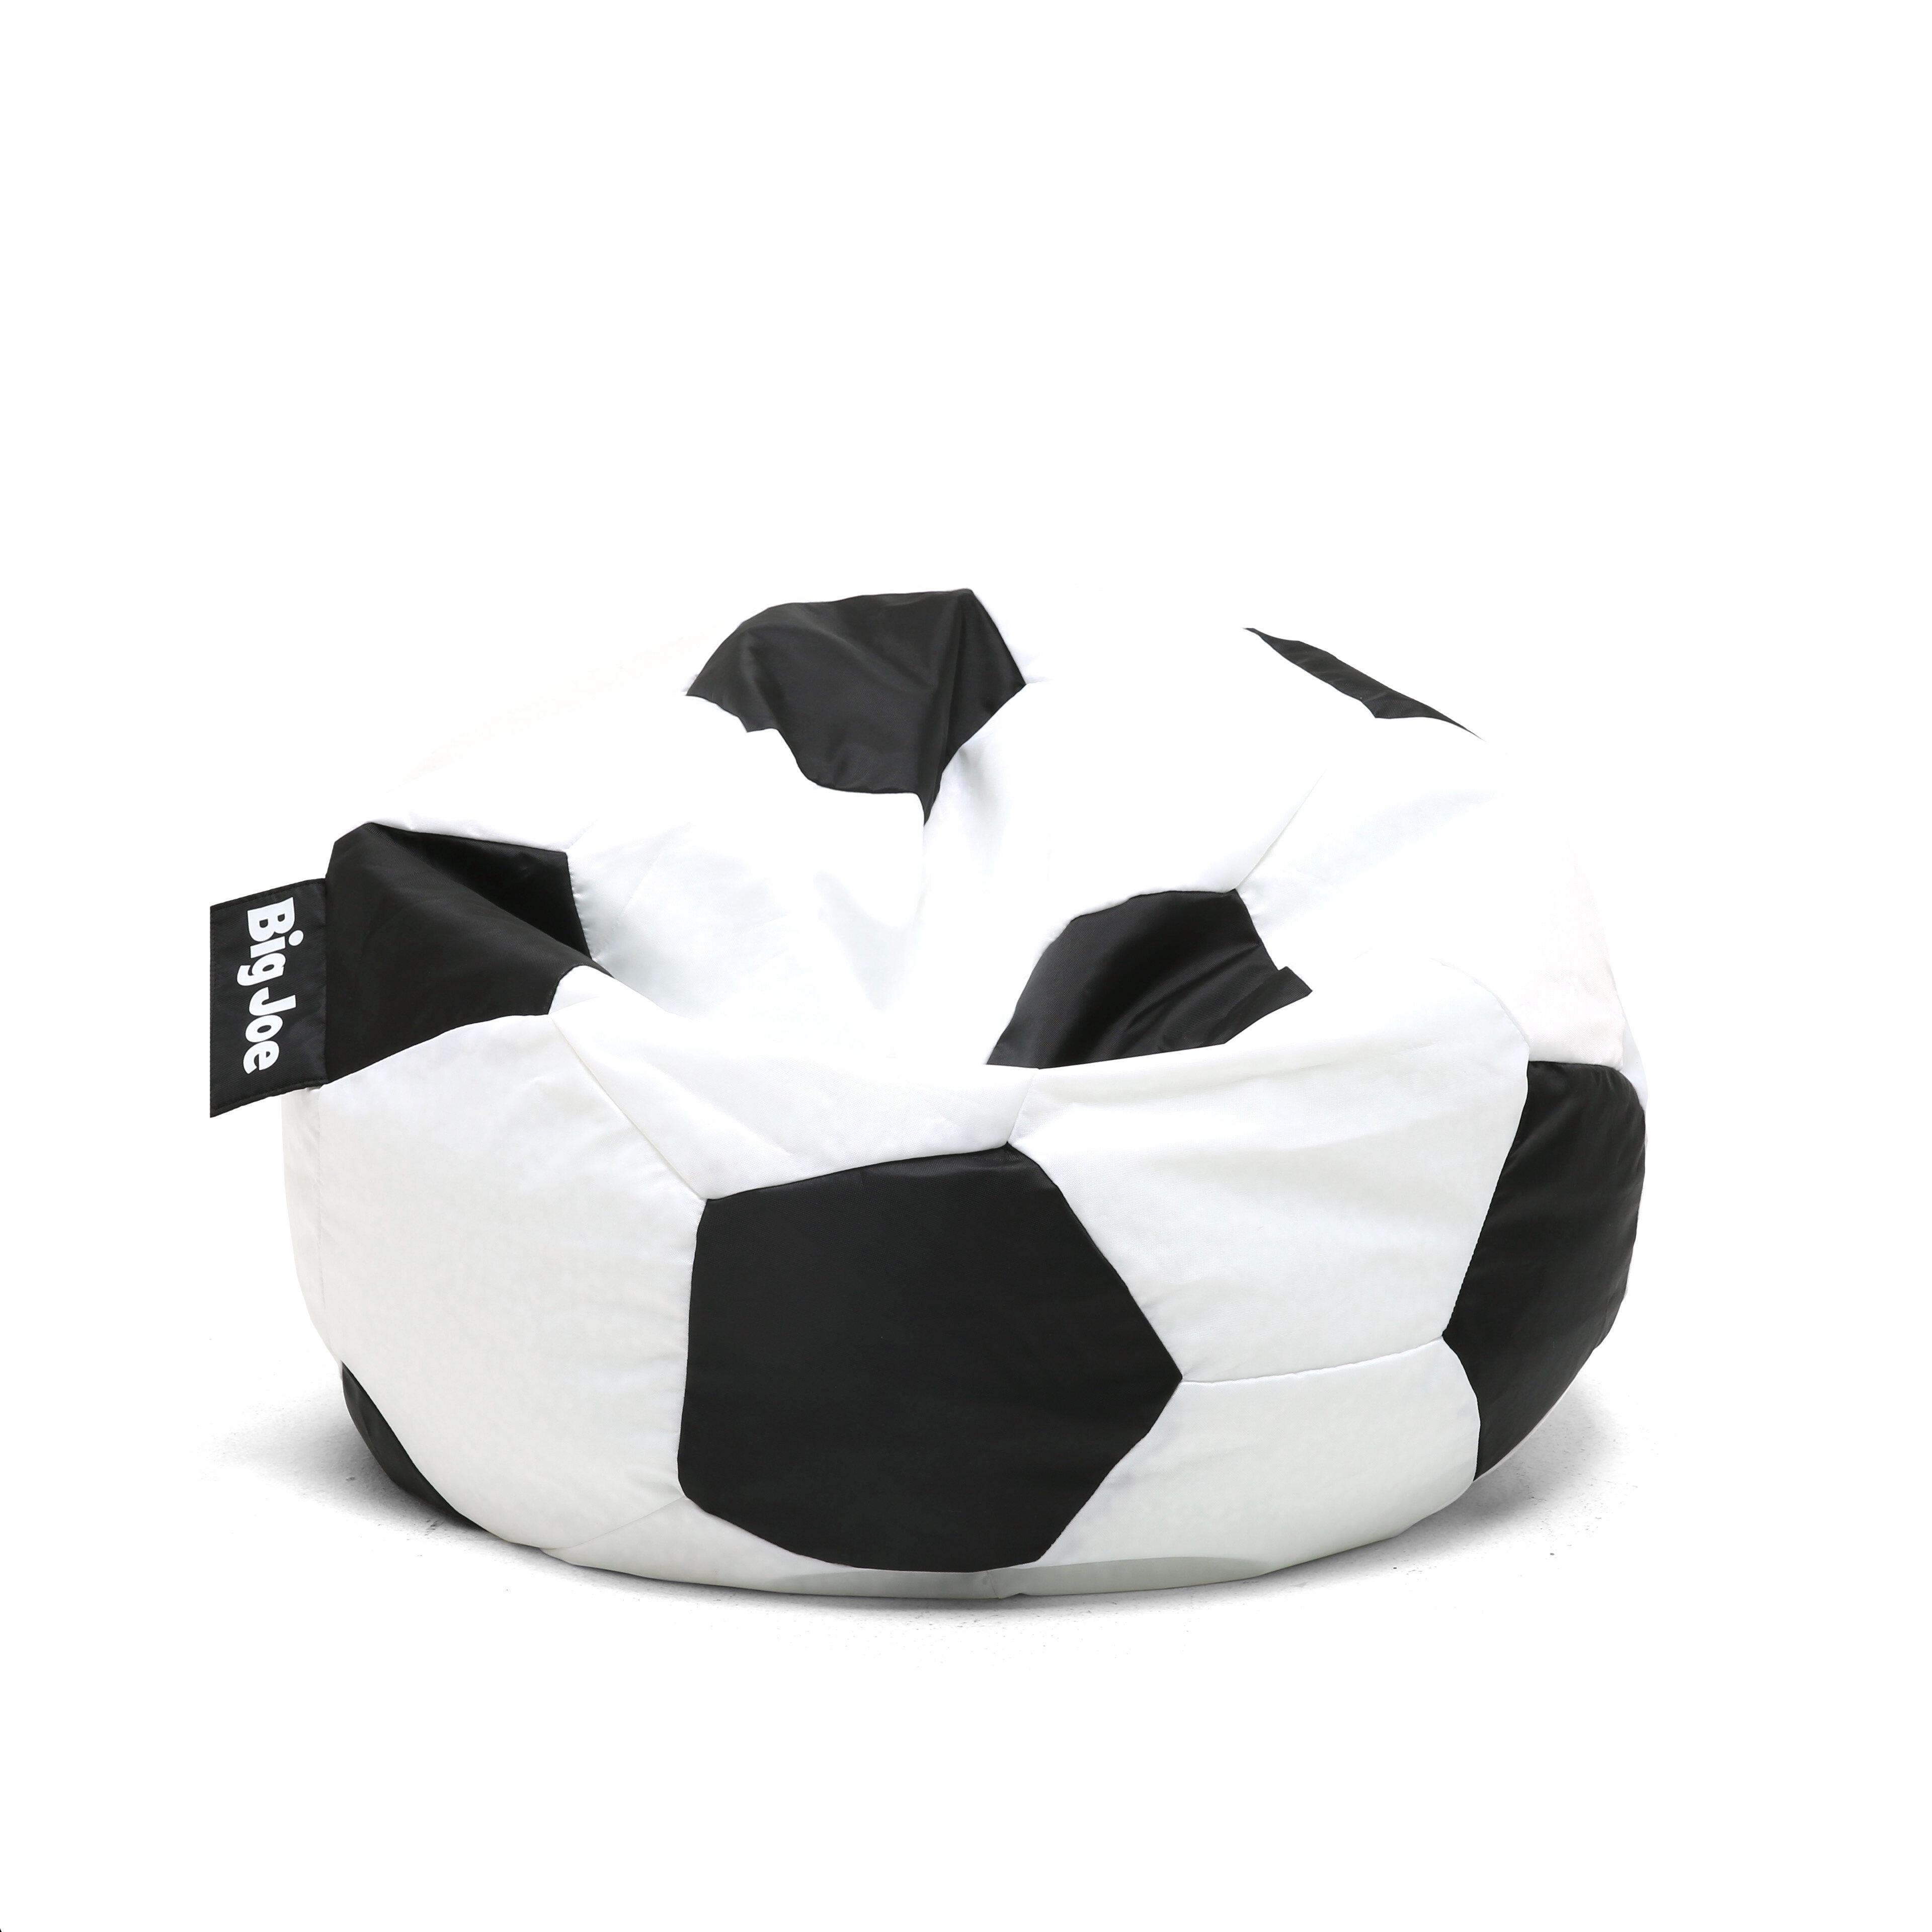 Comfort Research Big Joe Soccer Ball Bean Bag Chair | Wayfair